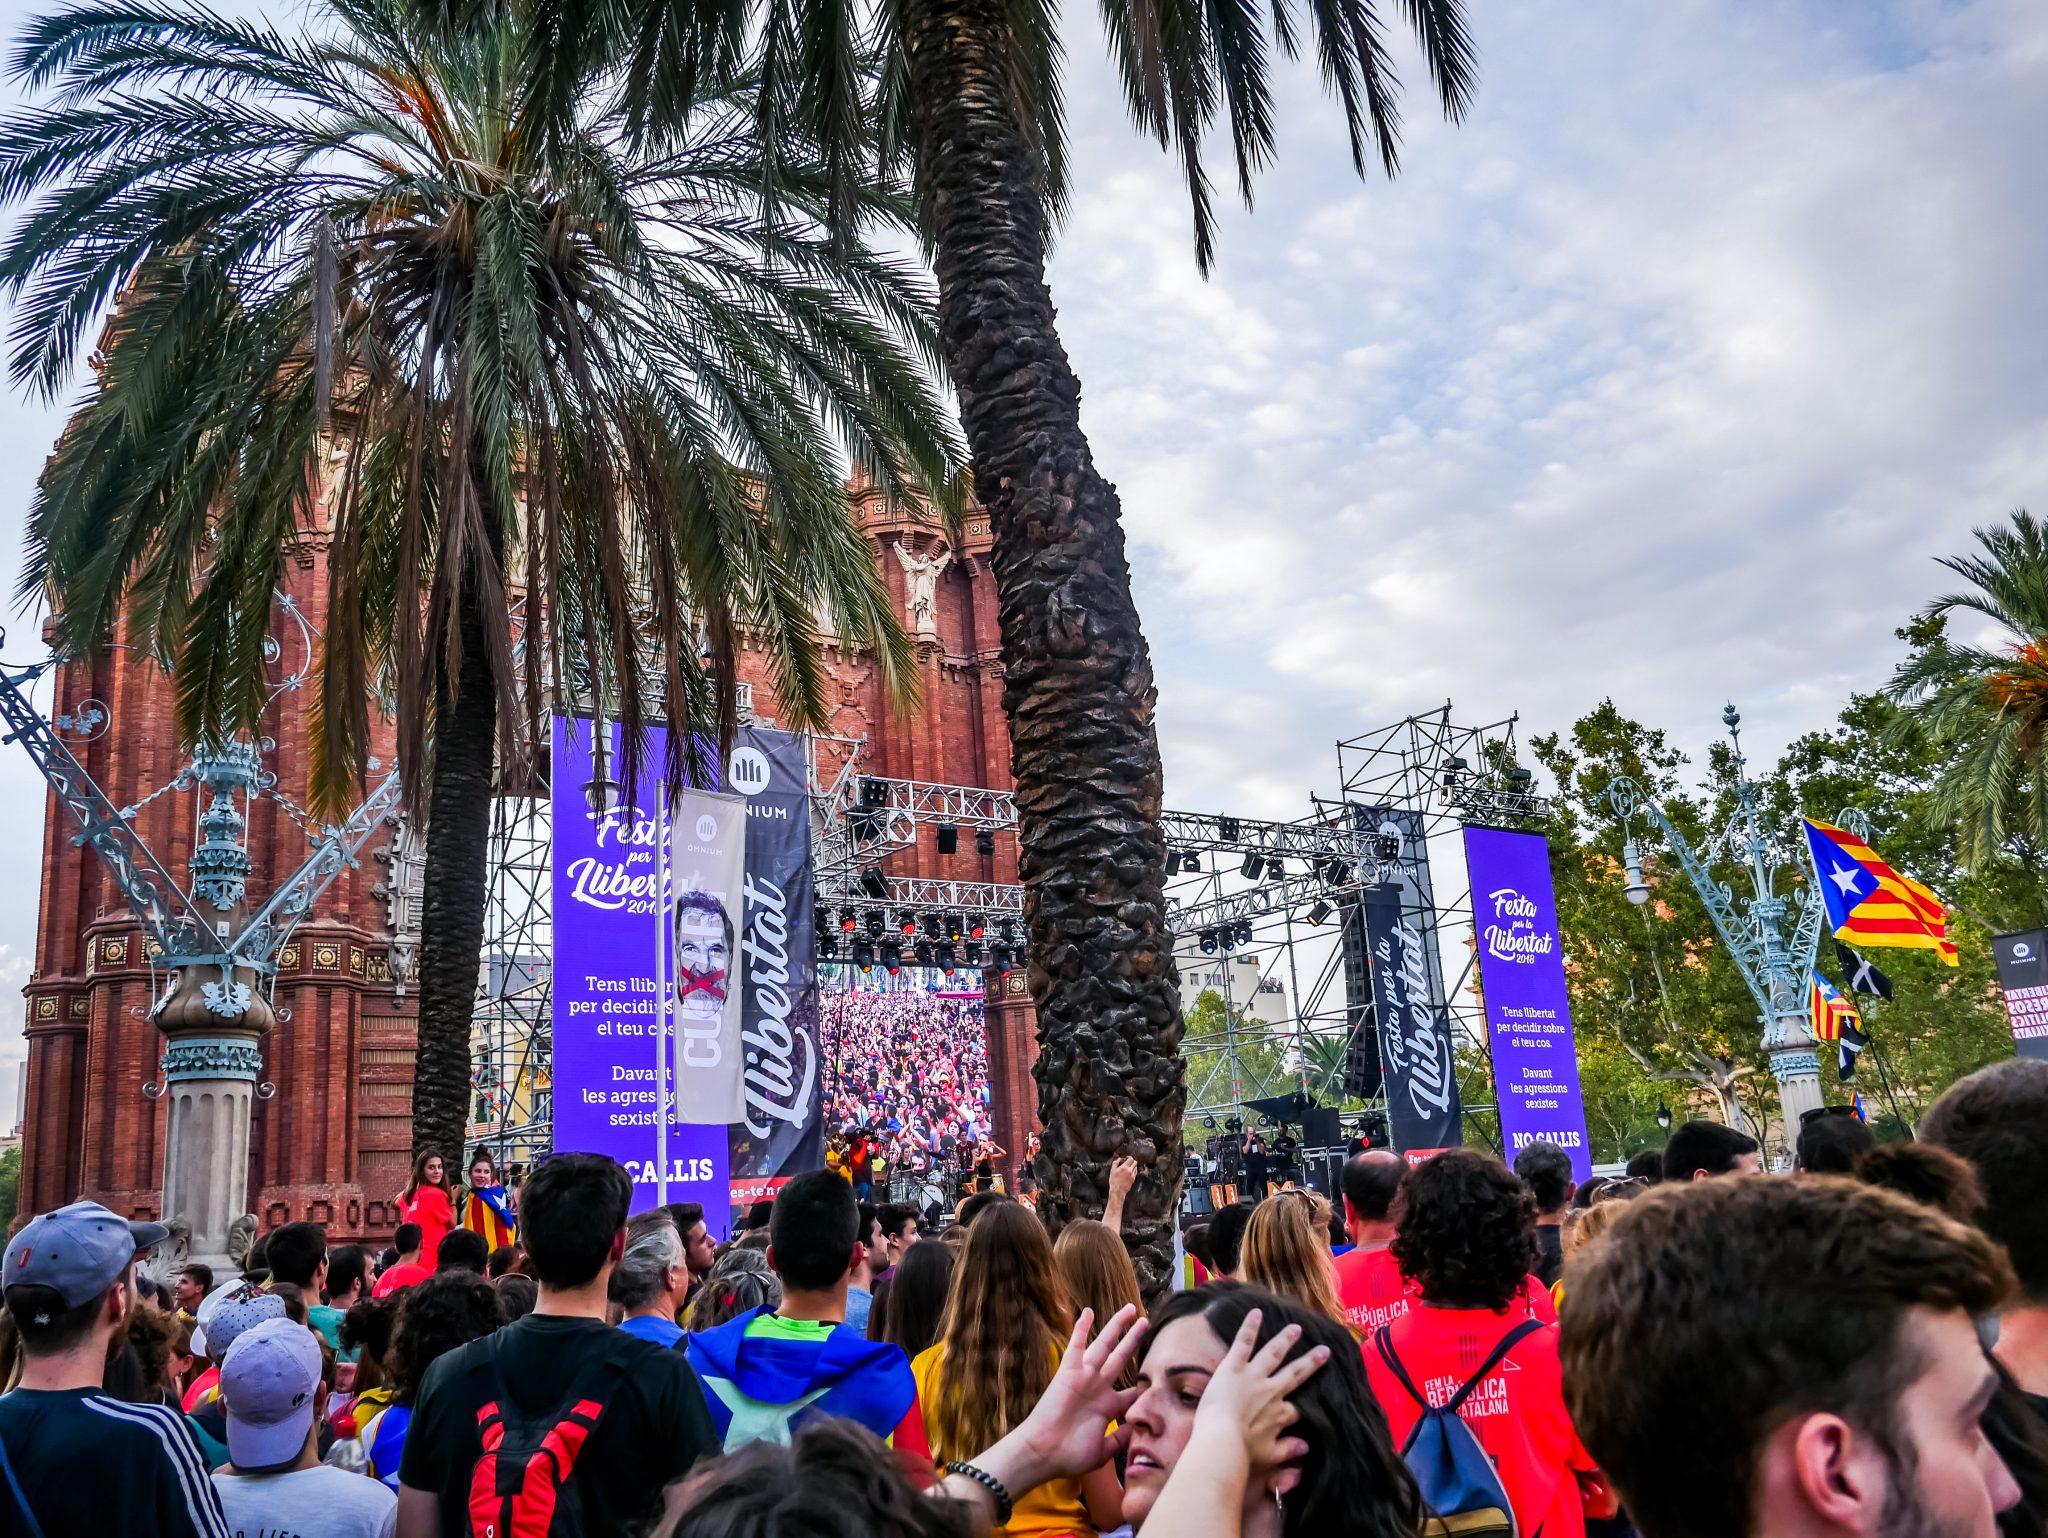 """Am """"Diada Nacional de Cataluñya"""" finden kostenlose Konzerte mit typischerkatalanischer Musik überall verteilt in der Stadt statt, beispielsweise am Arc de Triomf in Barcelona."""